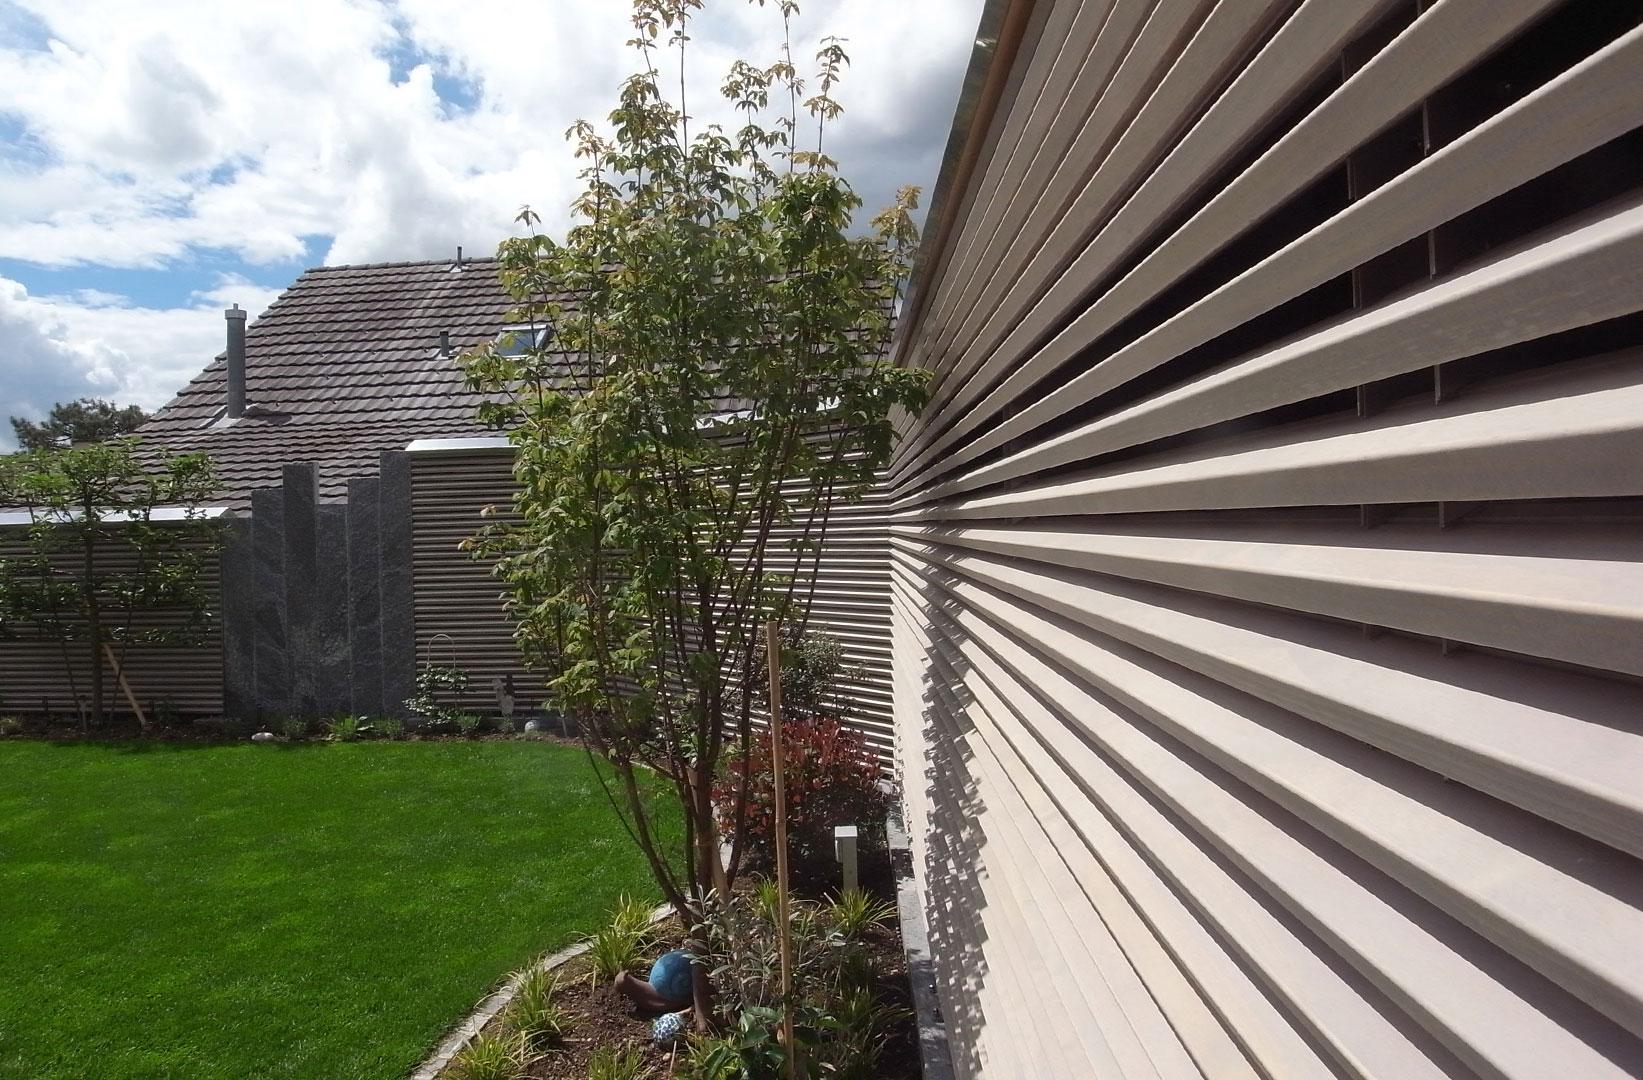 ruedersäge ag – für gartenbauer. schwellen, gartenholz, sichtschutz